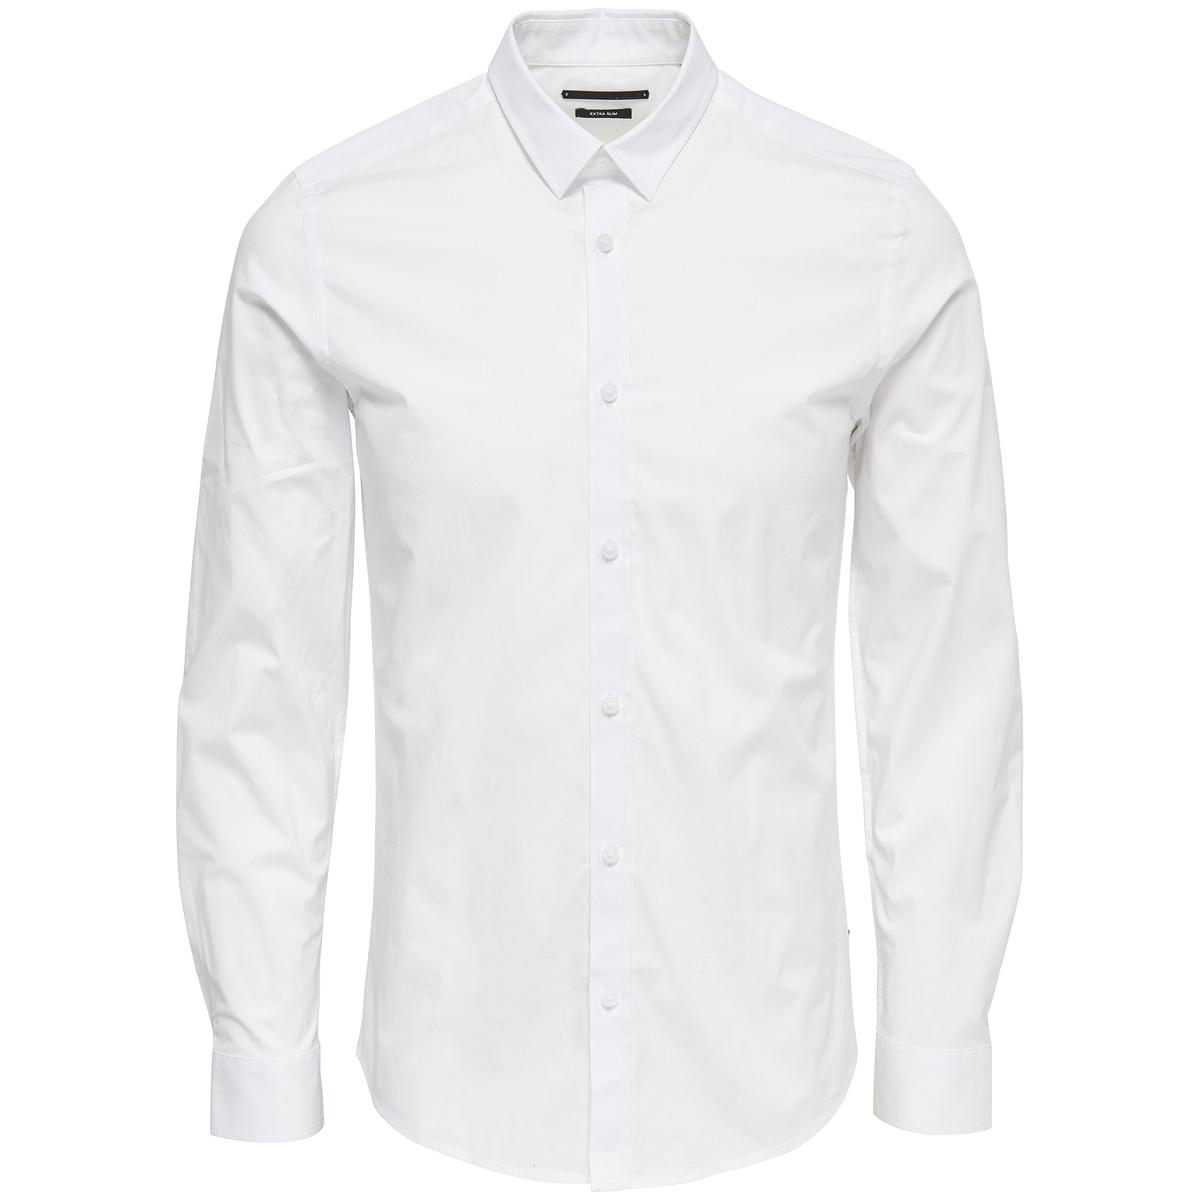 Рубашка приталеннаяОписание:Детали  •  Длинные рукава  •  Приталенный покрой •  Классический воротникСостав и уход  •  97% хлопка, 3% эластана •  Следуйте советам по уходу, указанным на этикетке<br><br>Цвет: синий морской,черный<br>Размер: M.M